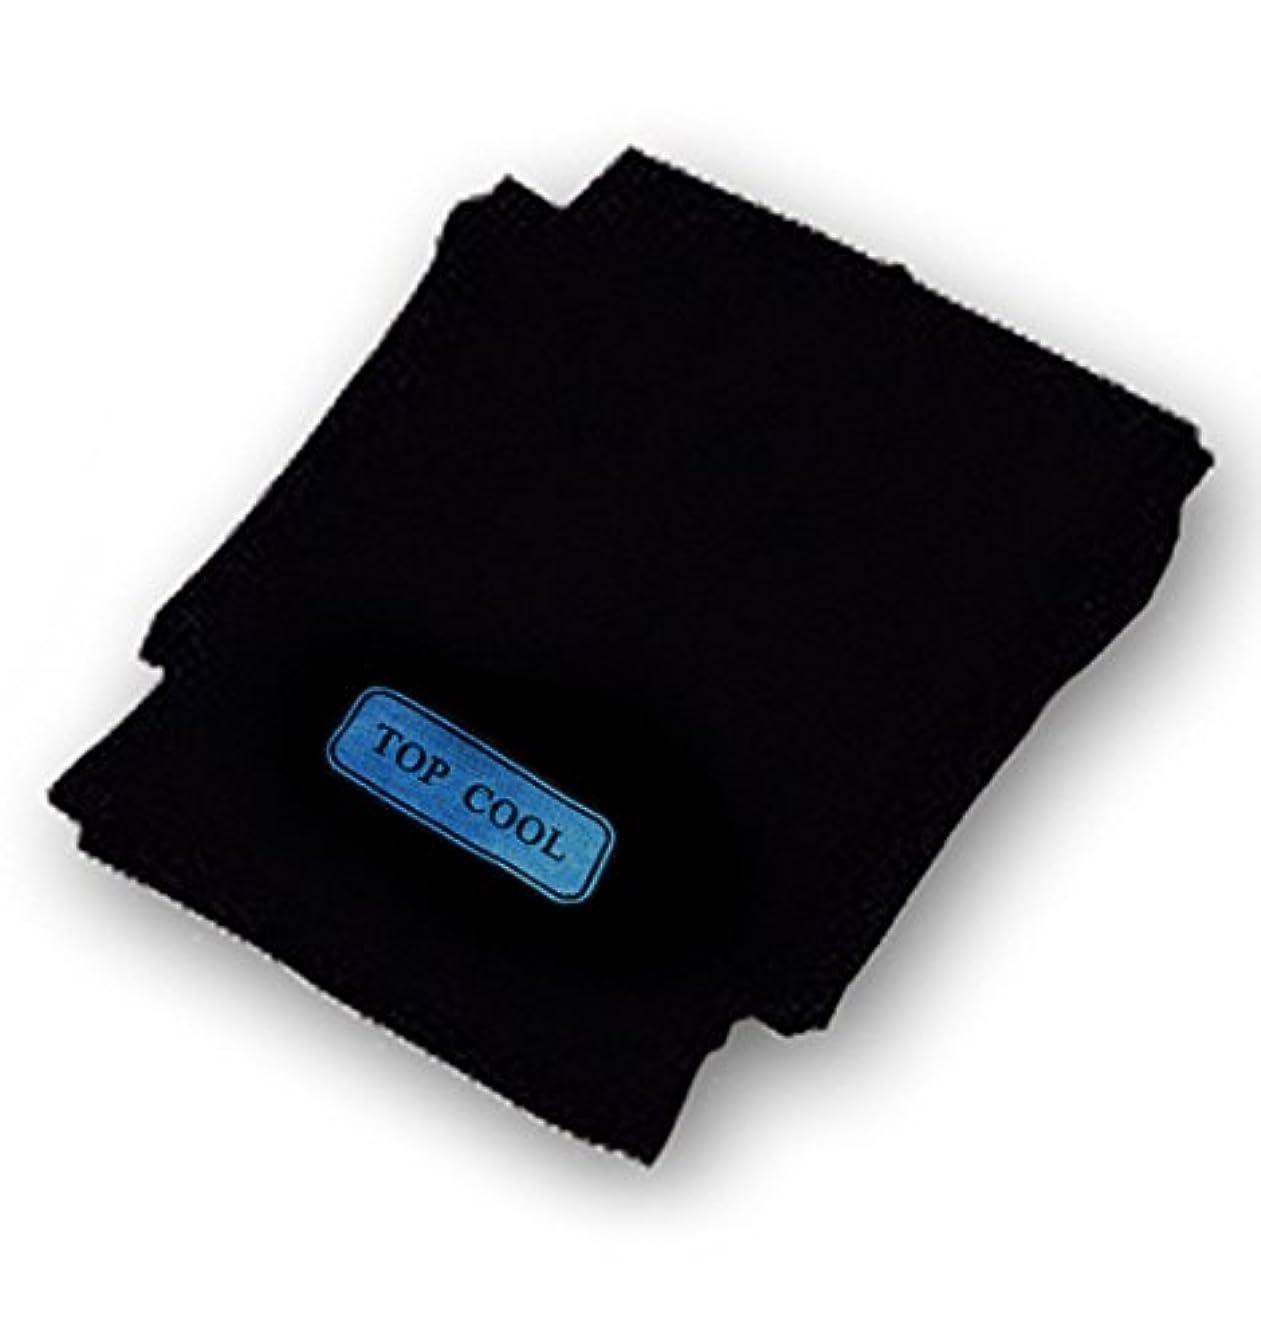 ユーザー満足無人アームカバー クールアームカバー 日焼け防止 紫外線対策 体感マイナス2.3℃ ブラック